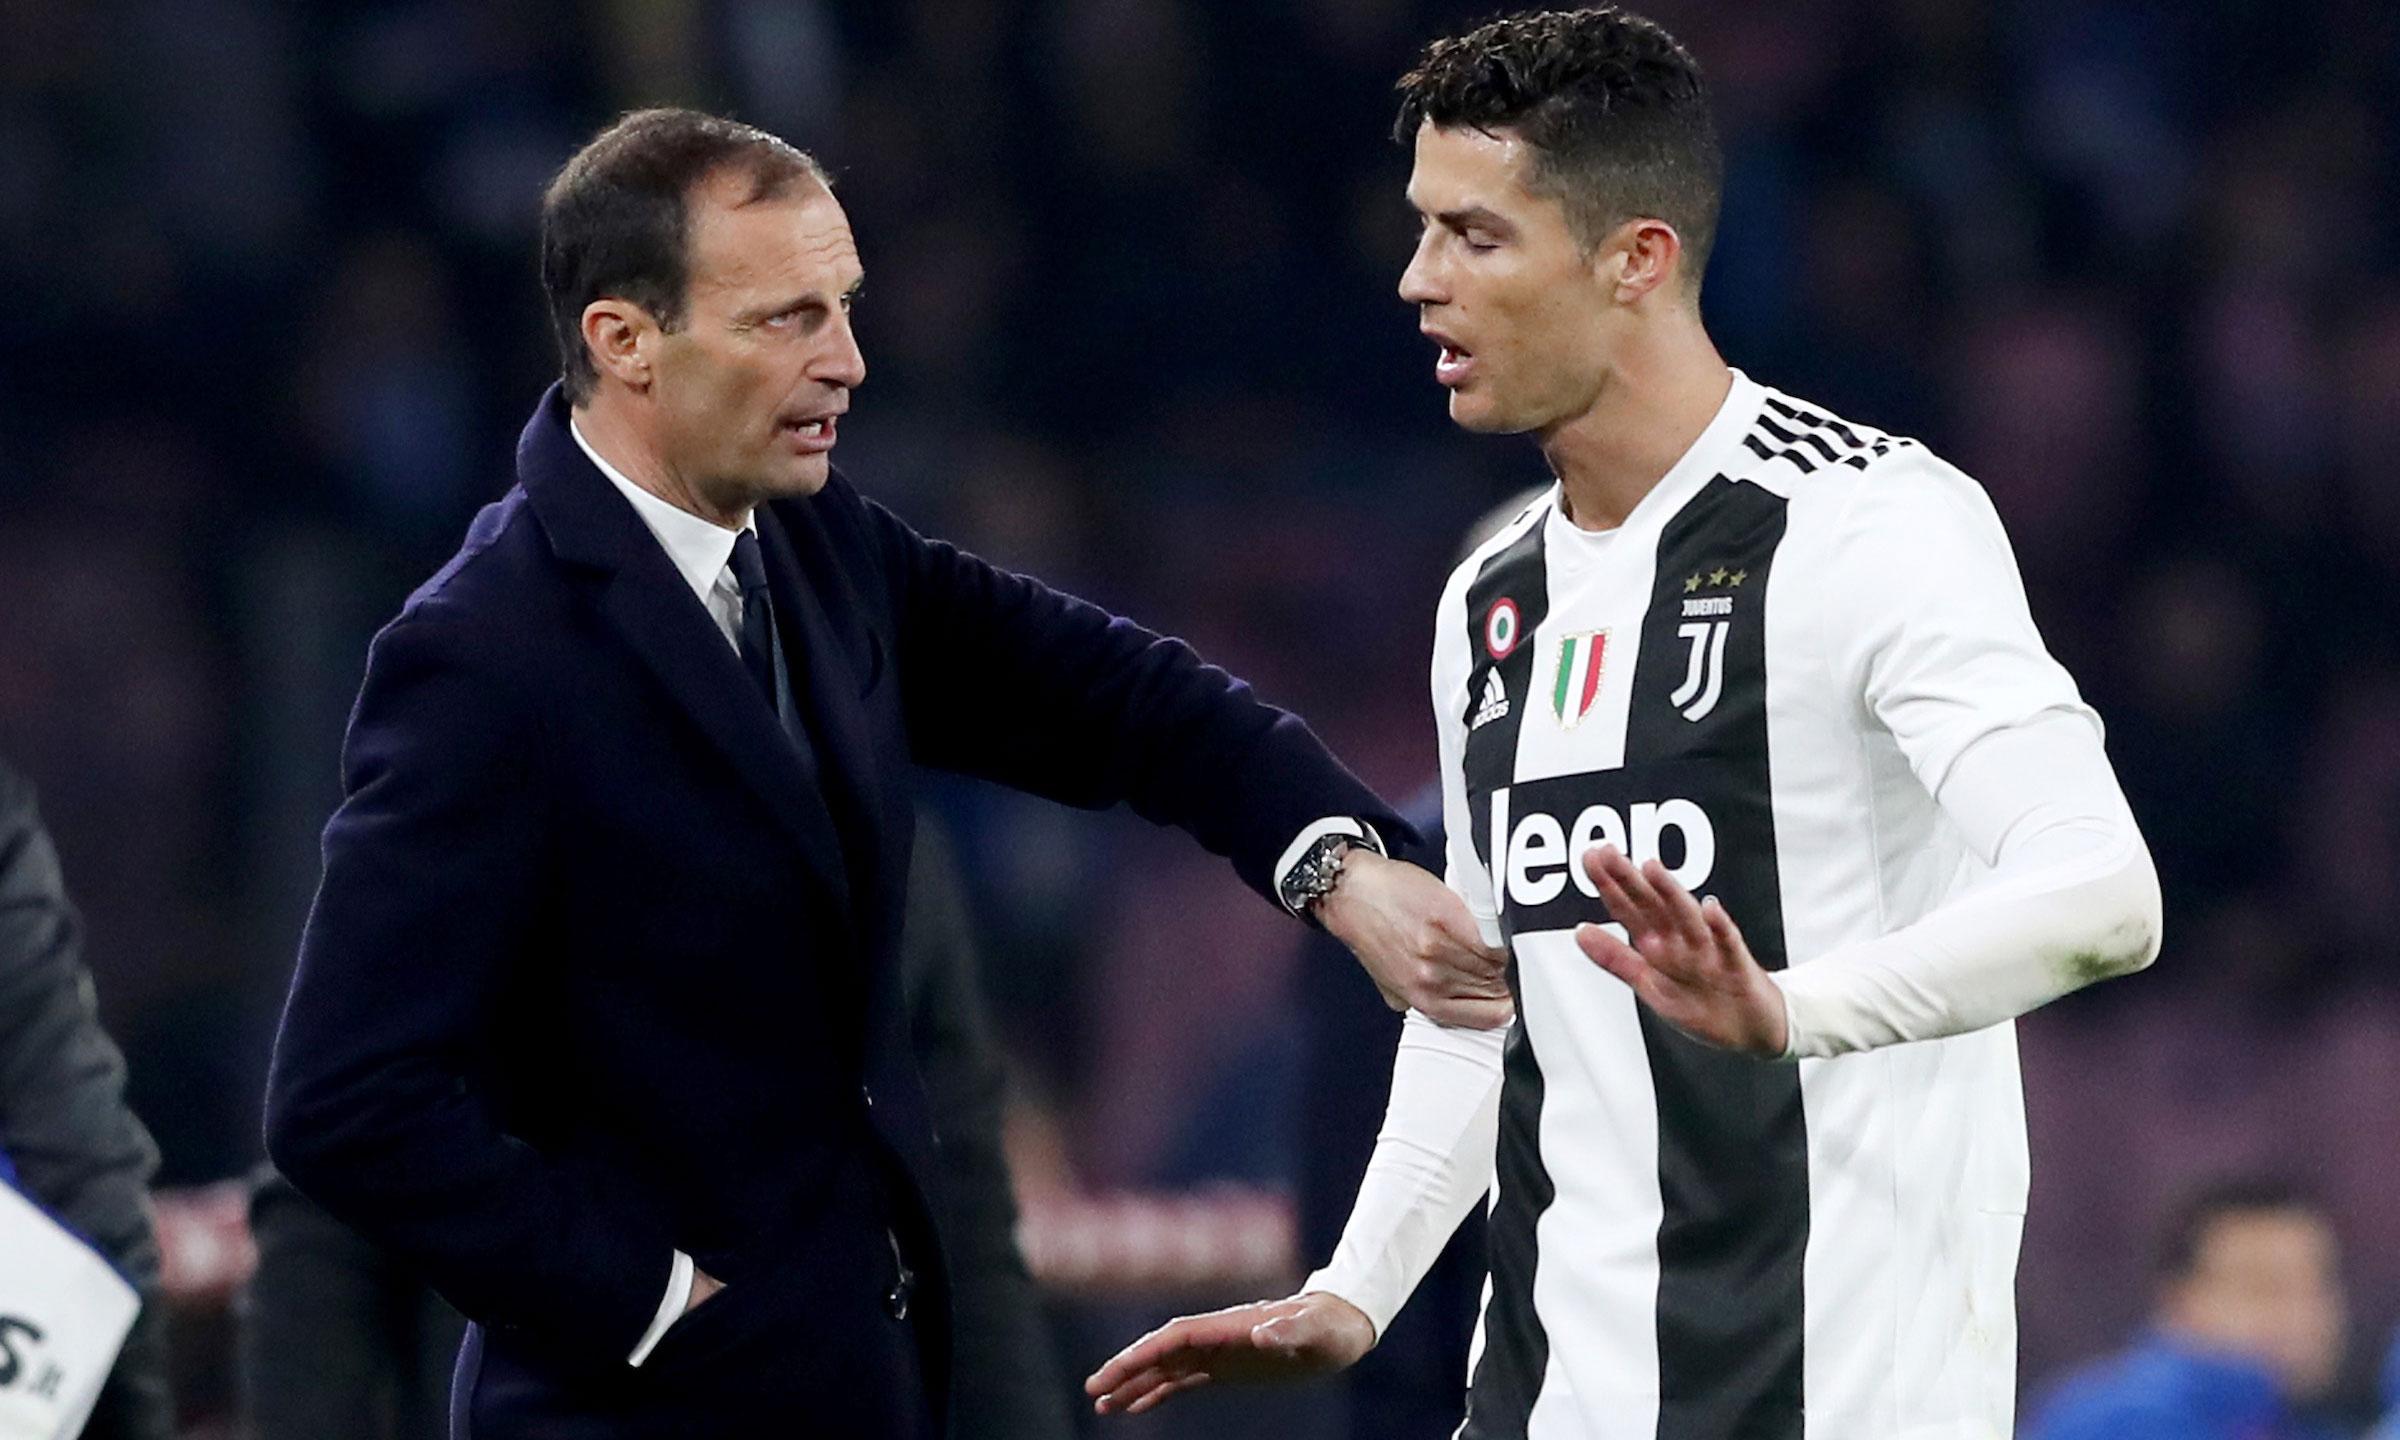 Allergi disarankan menggunakan Ronaldo untuk membangun kembali Juventus mulai musim depan.  foto: imago